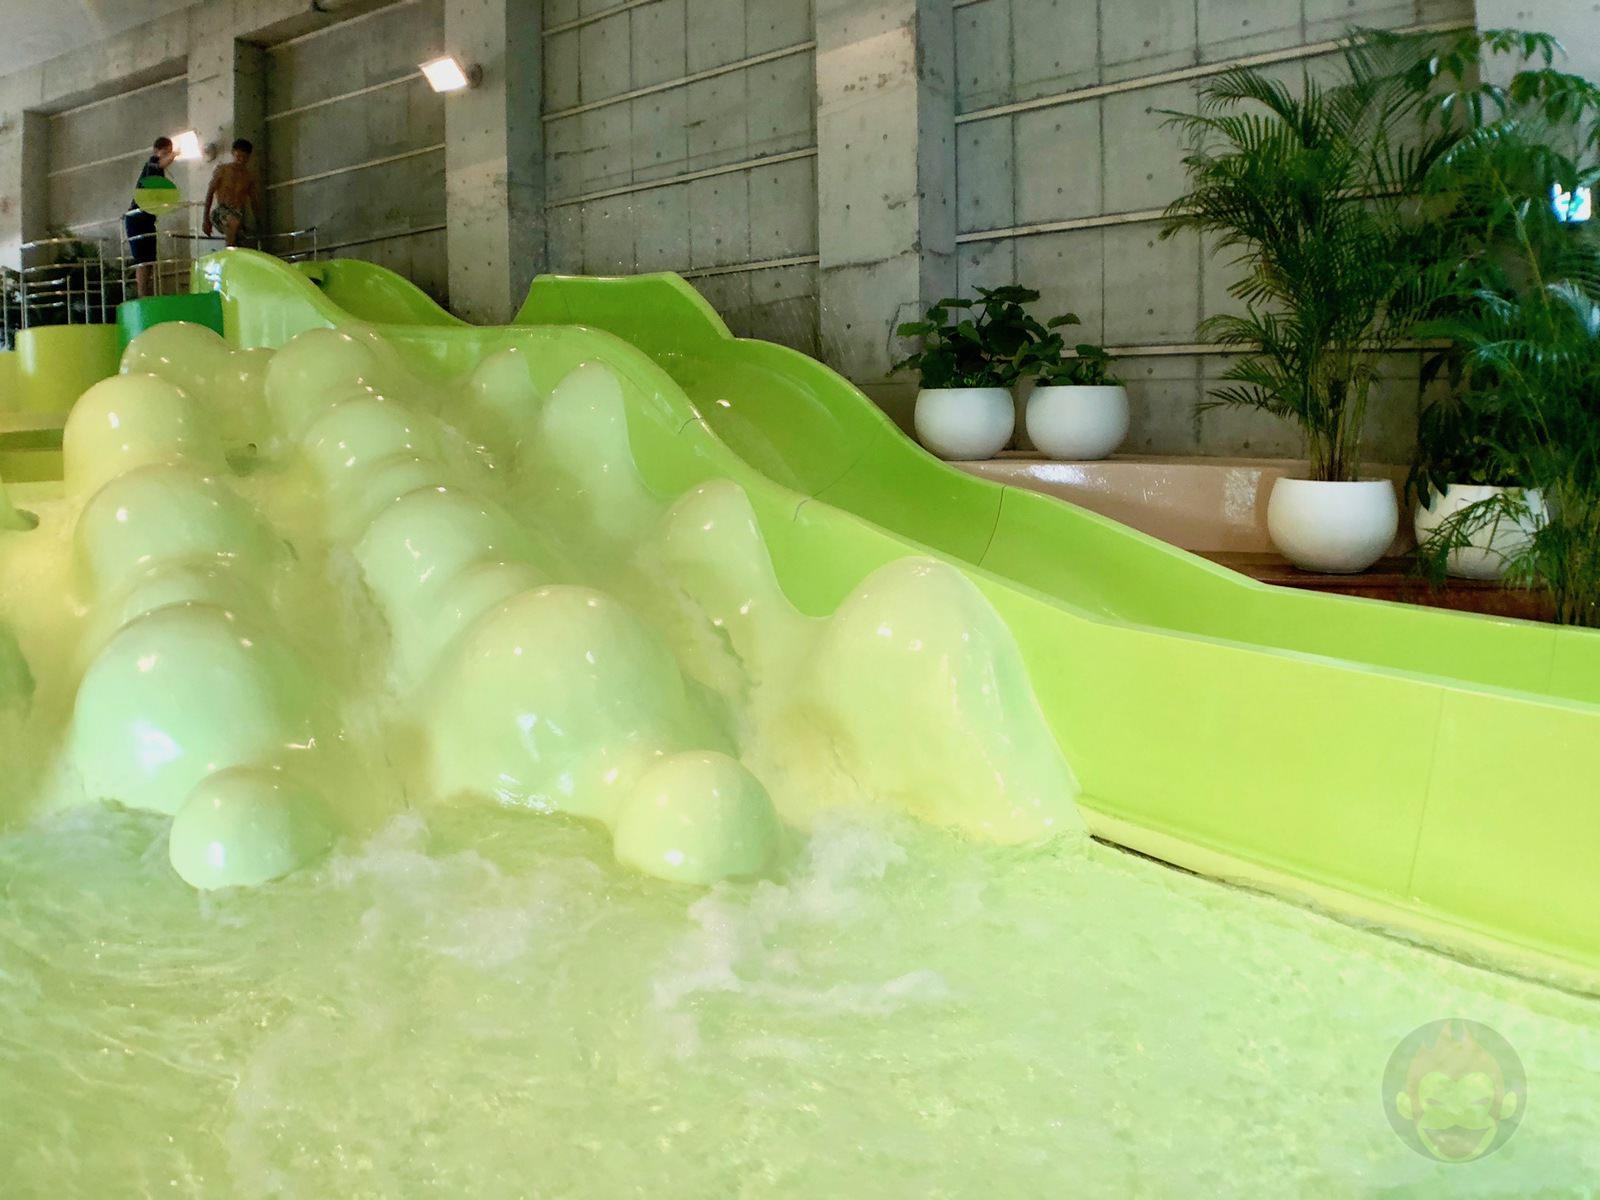 Hoshino Resonalre Yatsugatake Pool 13